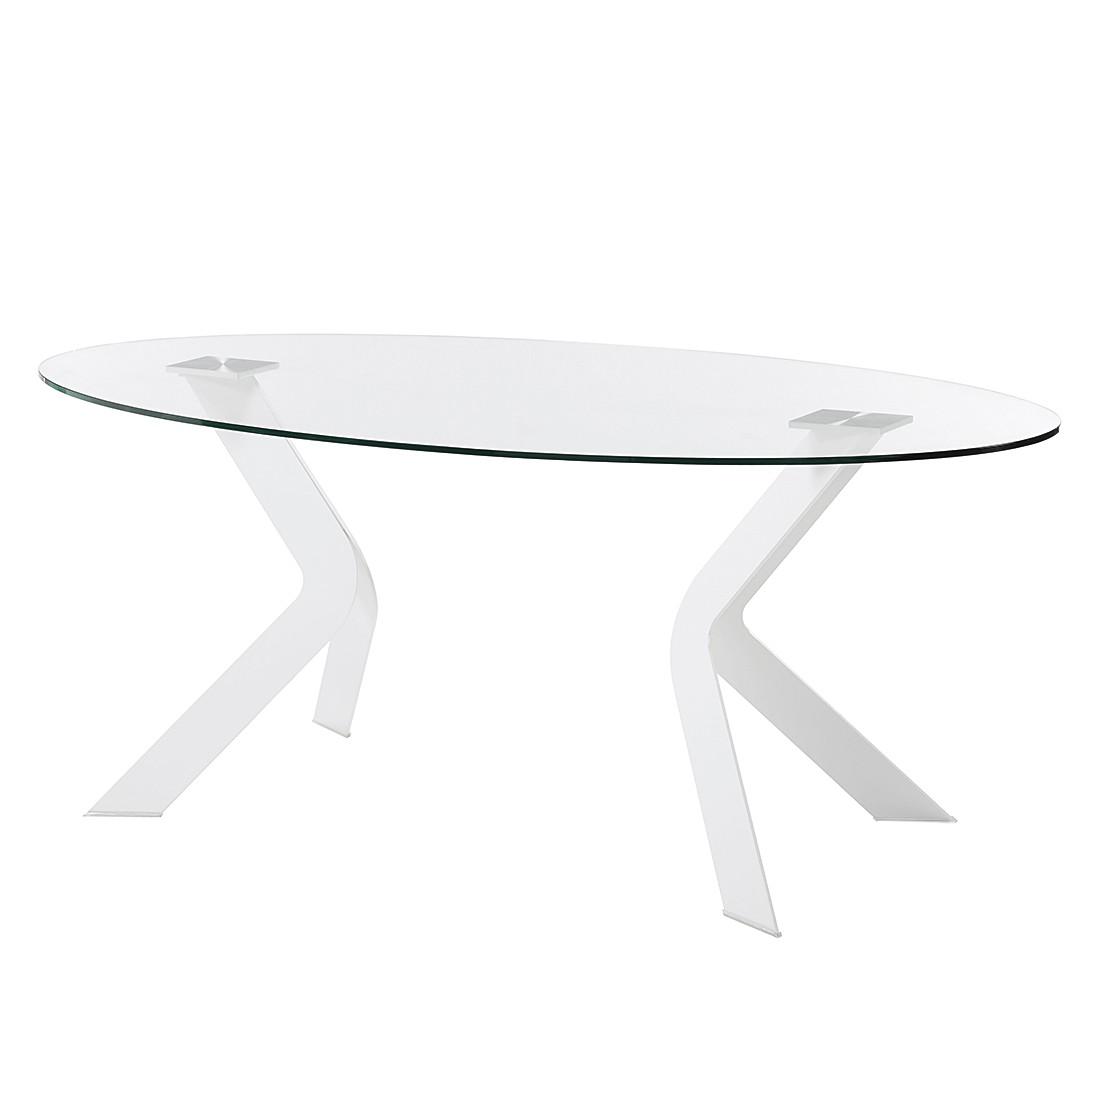 Esstisch Mendel - Glas/Edelstahl - Klarglas / Weiß, roomscape